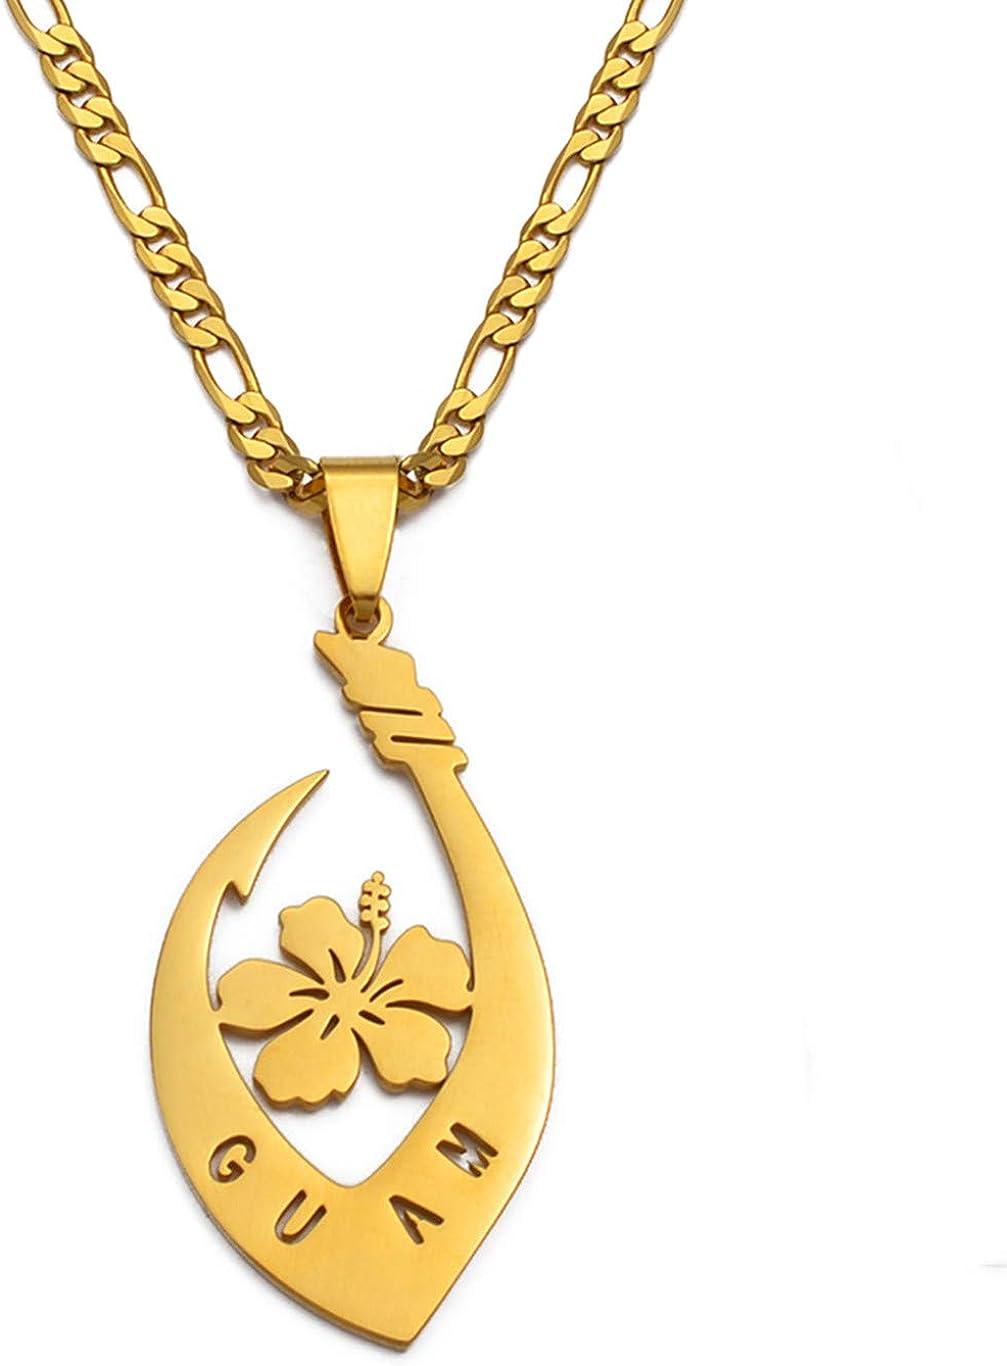 Hibiscus Flower Guam Pendant Necklaces For Women Men Gold Color Guam Jewelry Gifts 60Cm